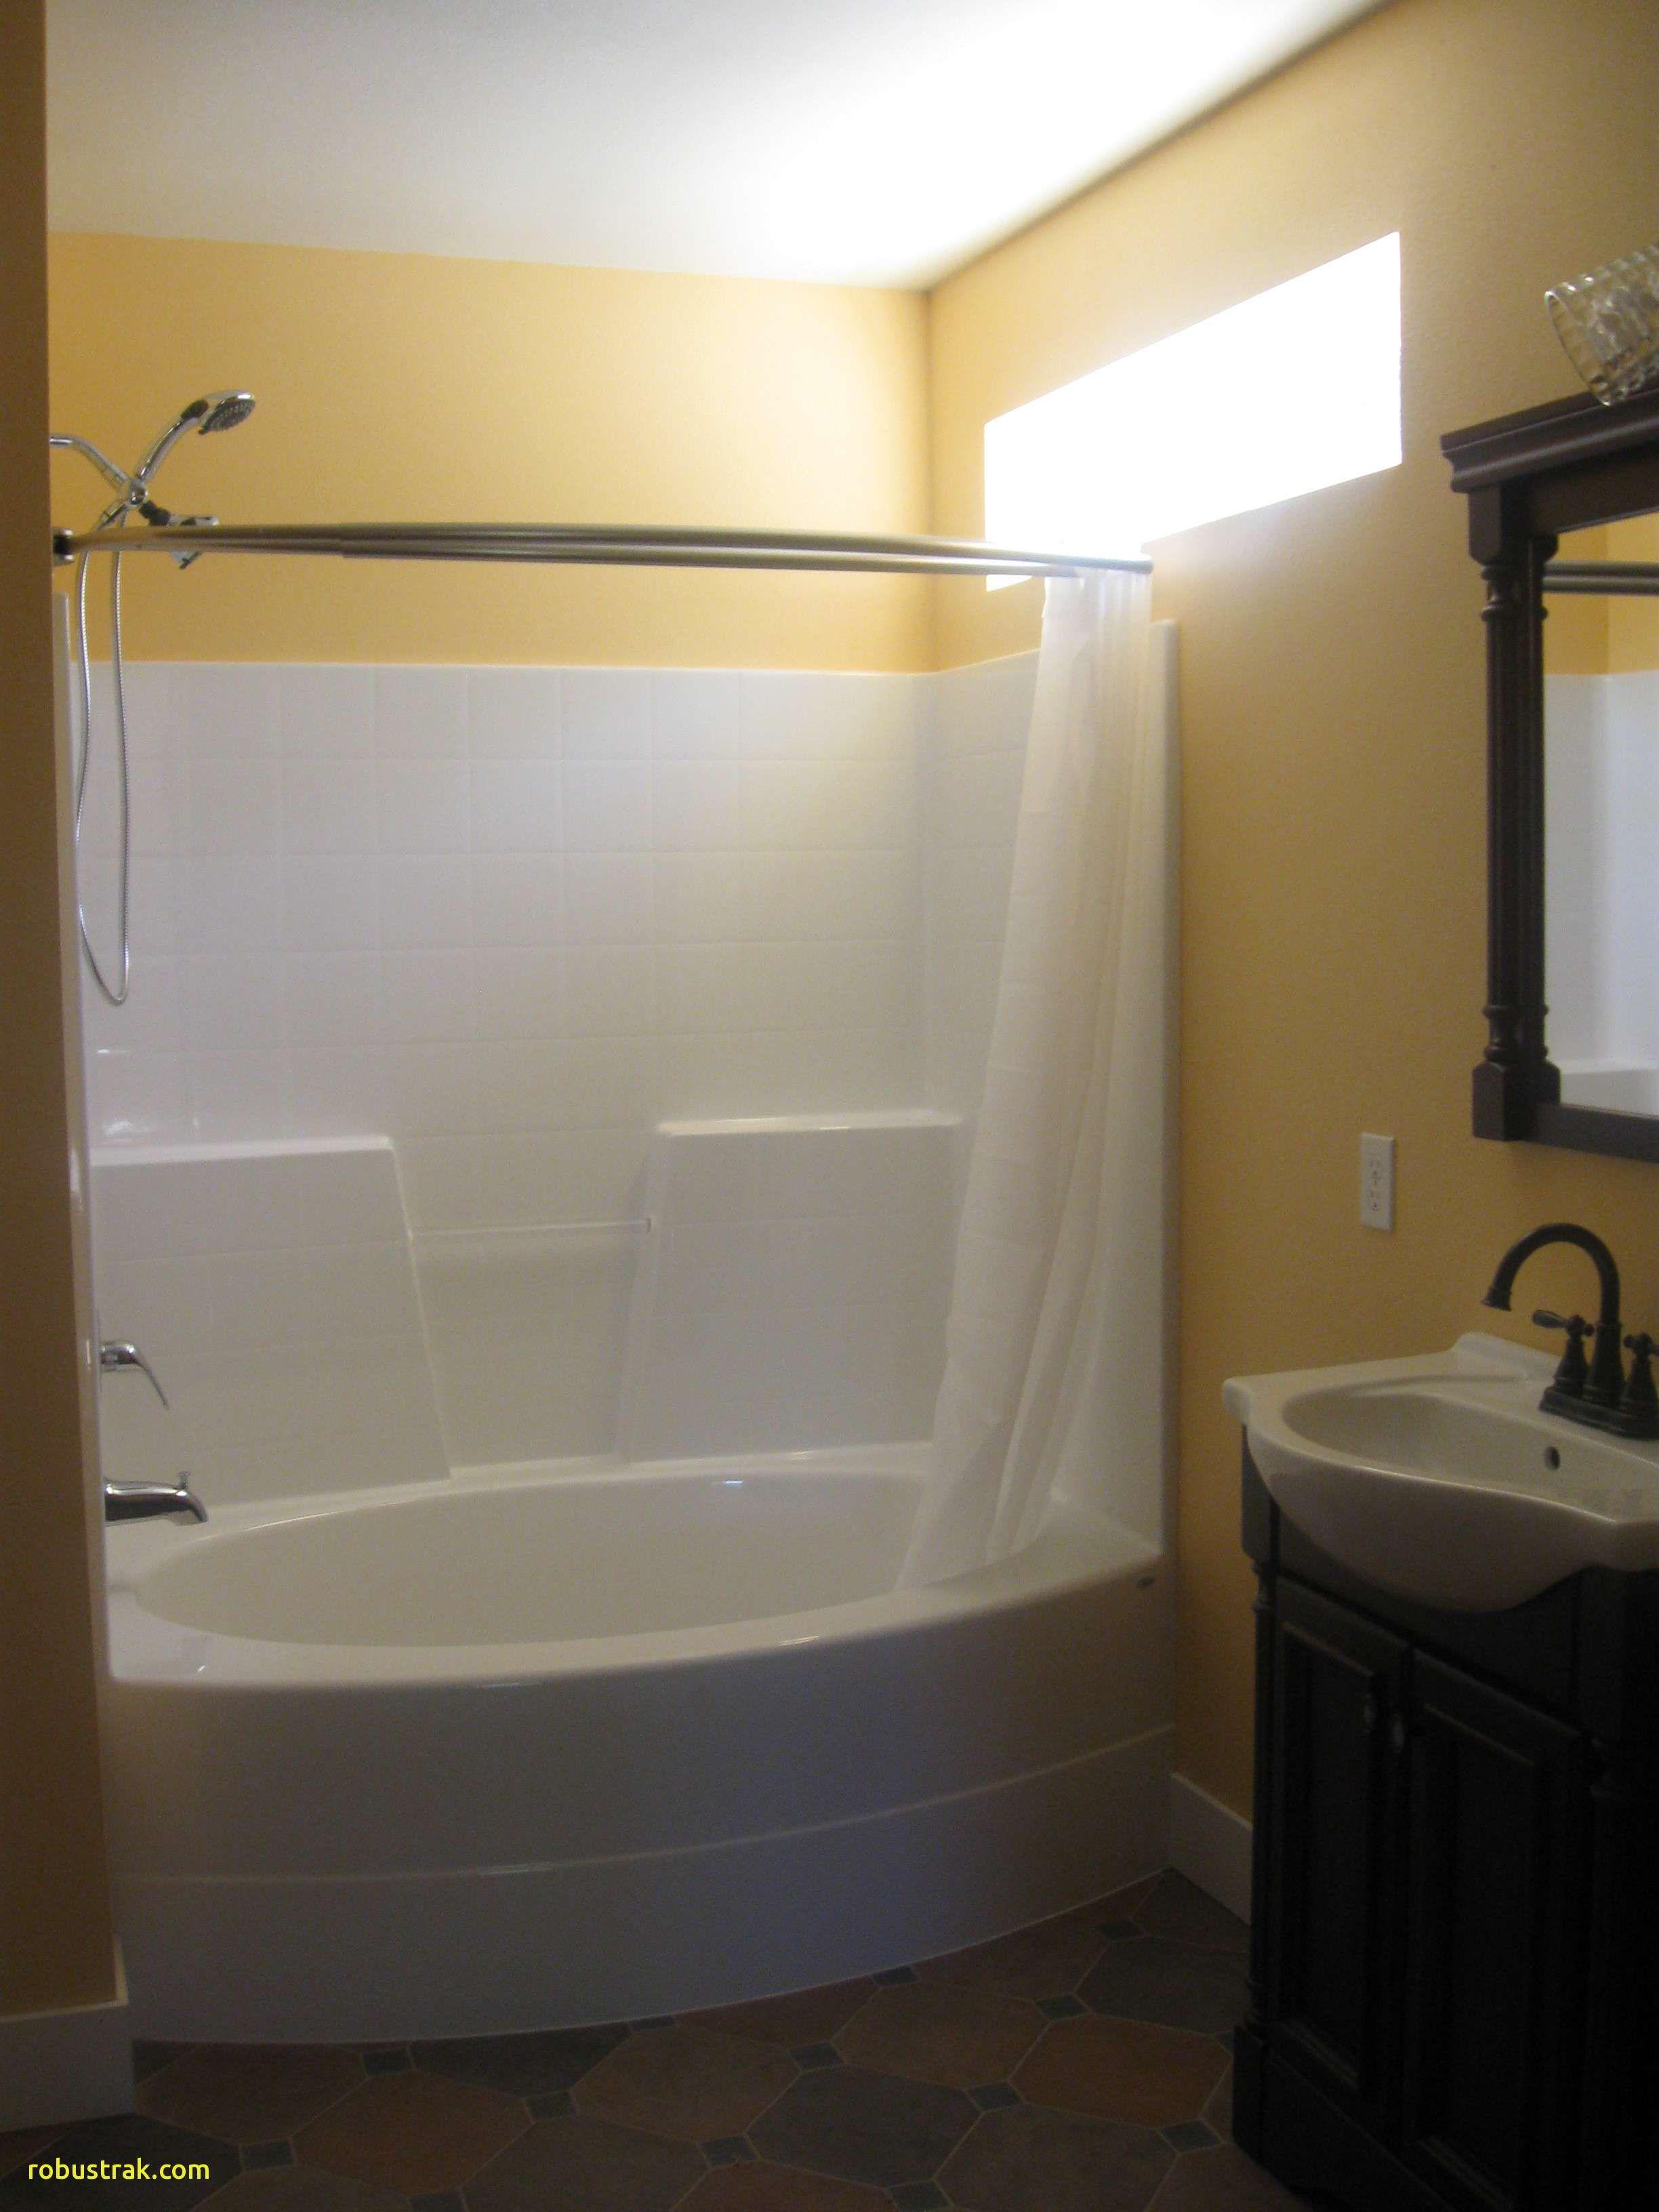 20 Inspirational Spa Bath Shower bo Home Decoration Ideas | Home ...